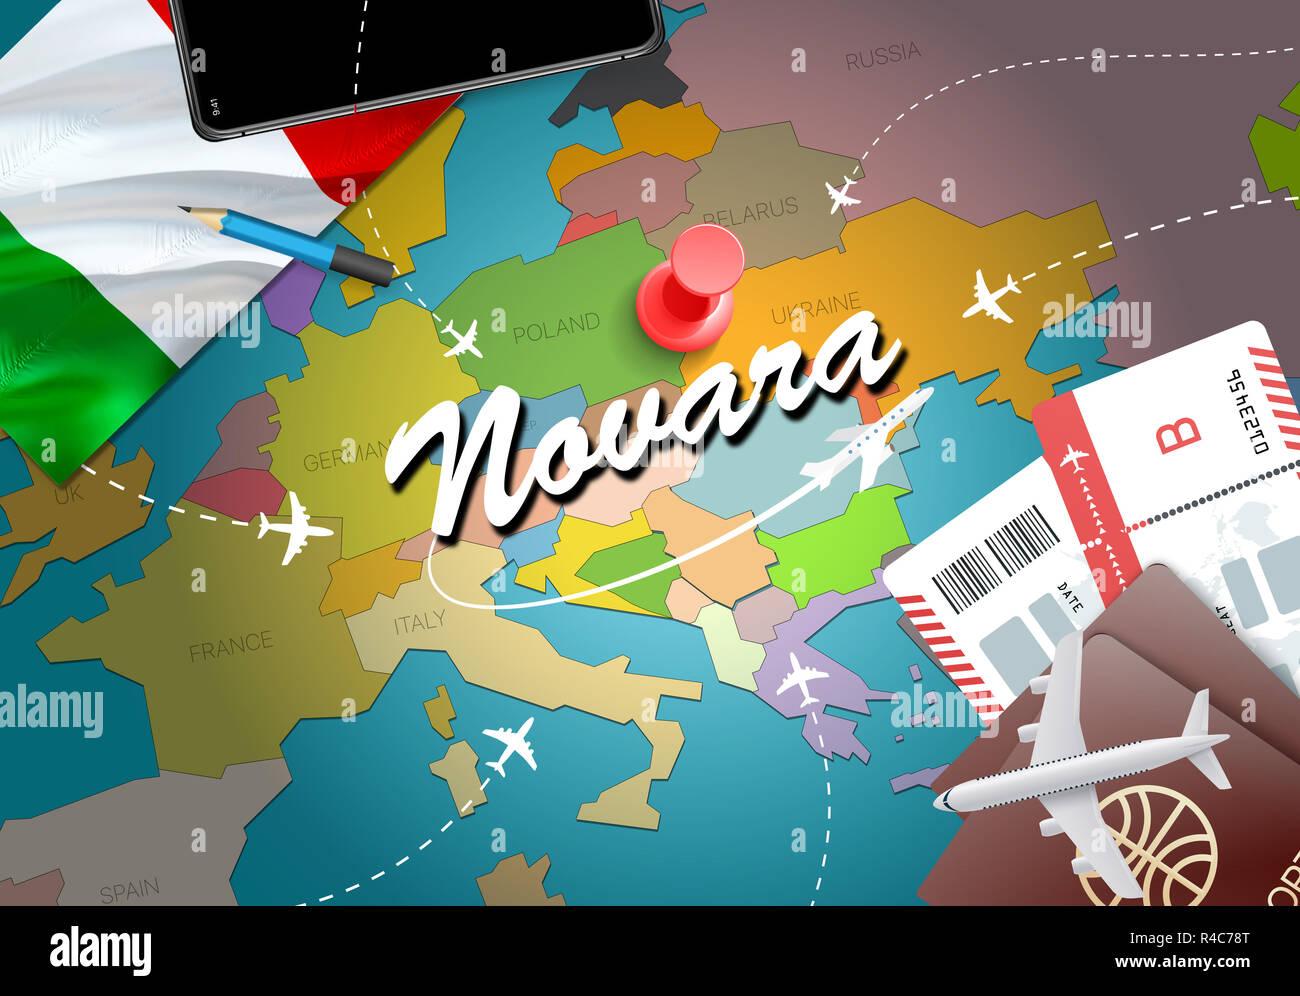 Carte Italie Novara.La Ville De Novara Voyages Et Tourisme Concept De